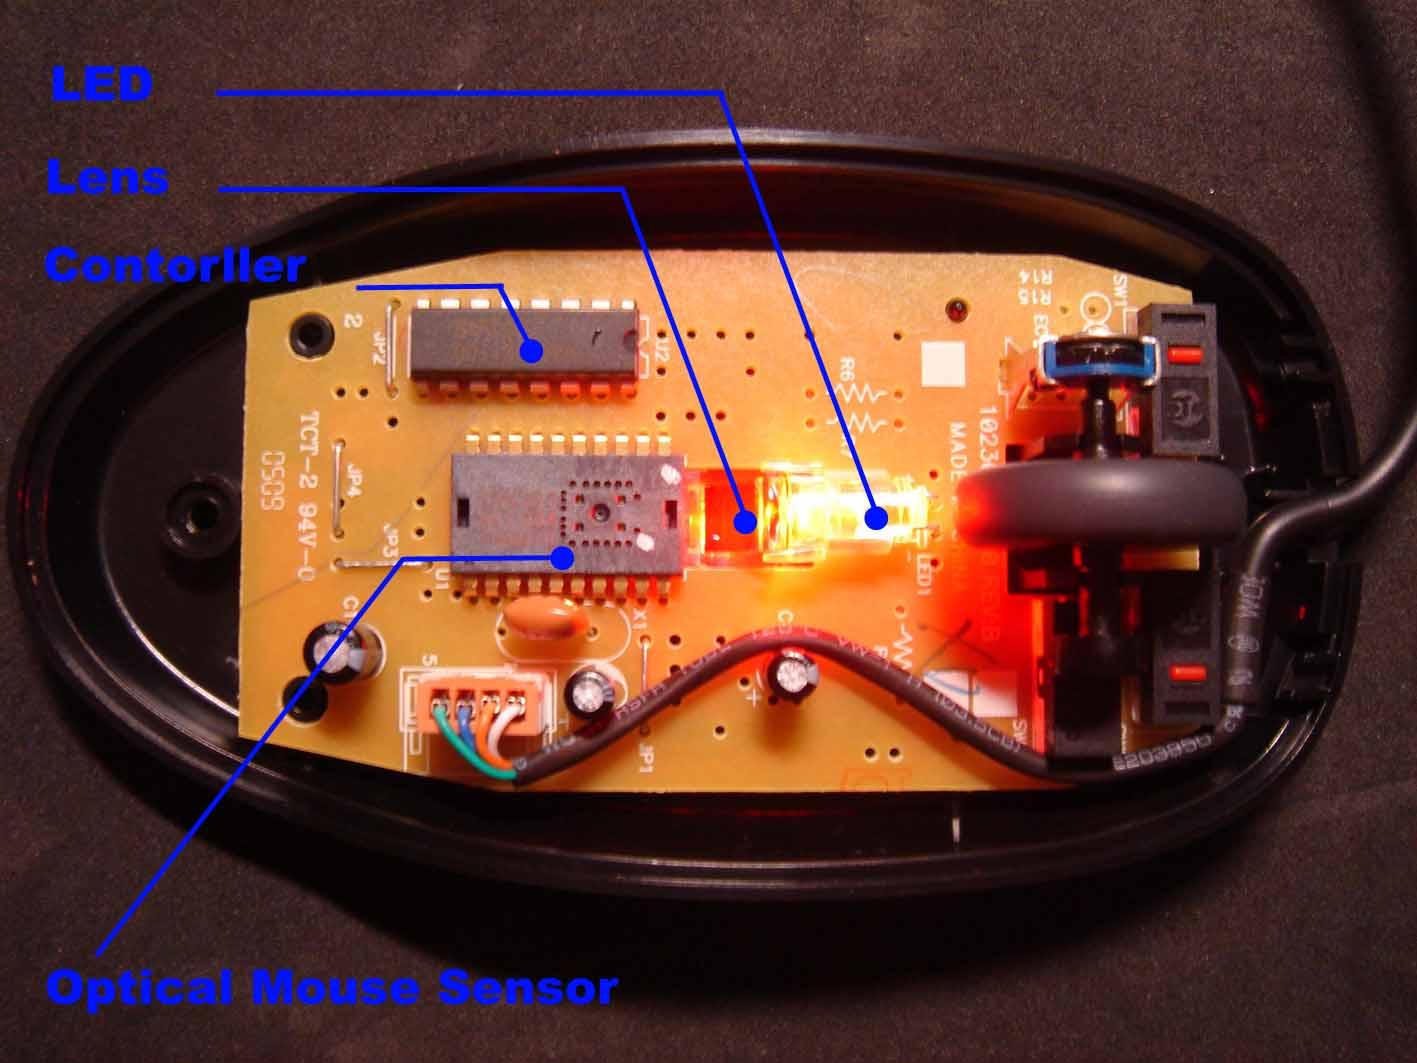 تفاوت ماوس های اپتیکال و لیزر در چیست؟